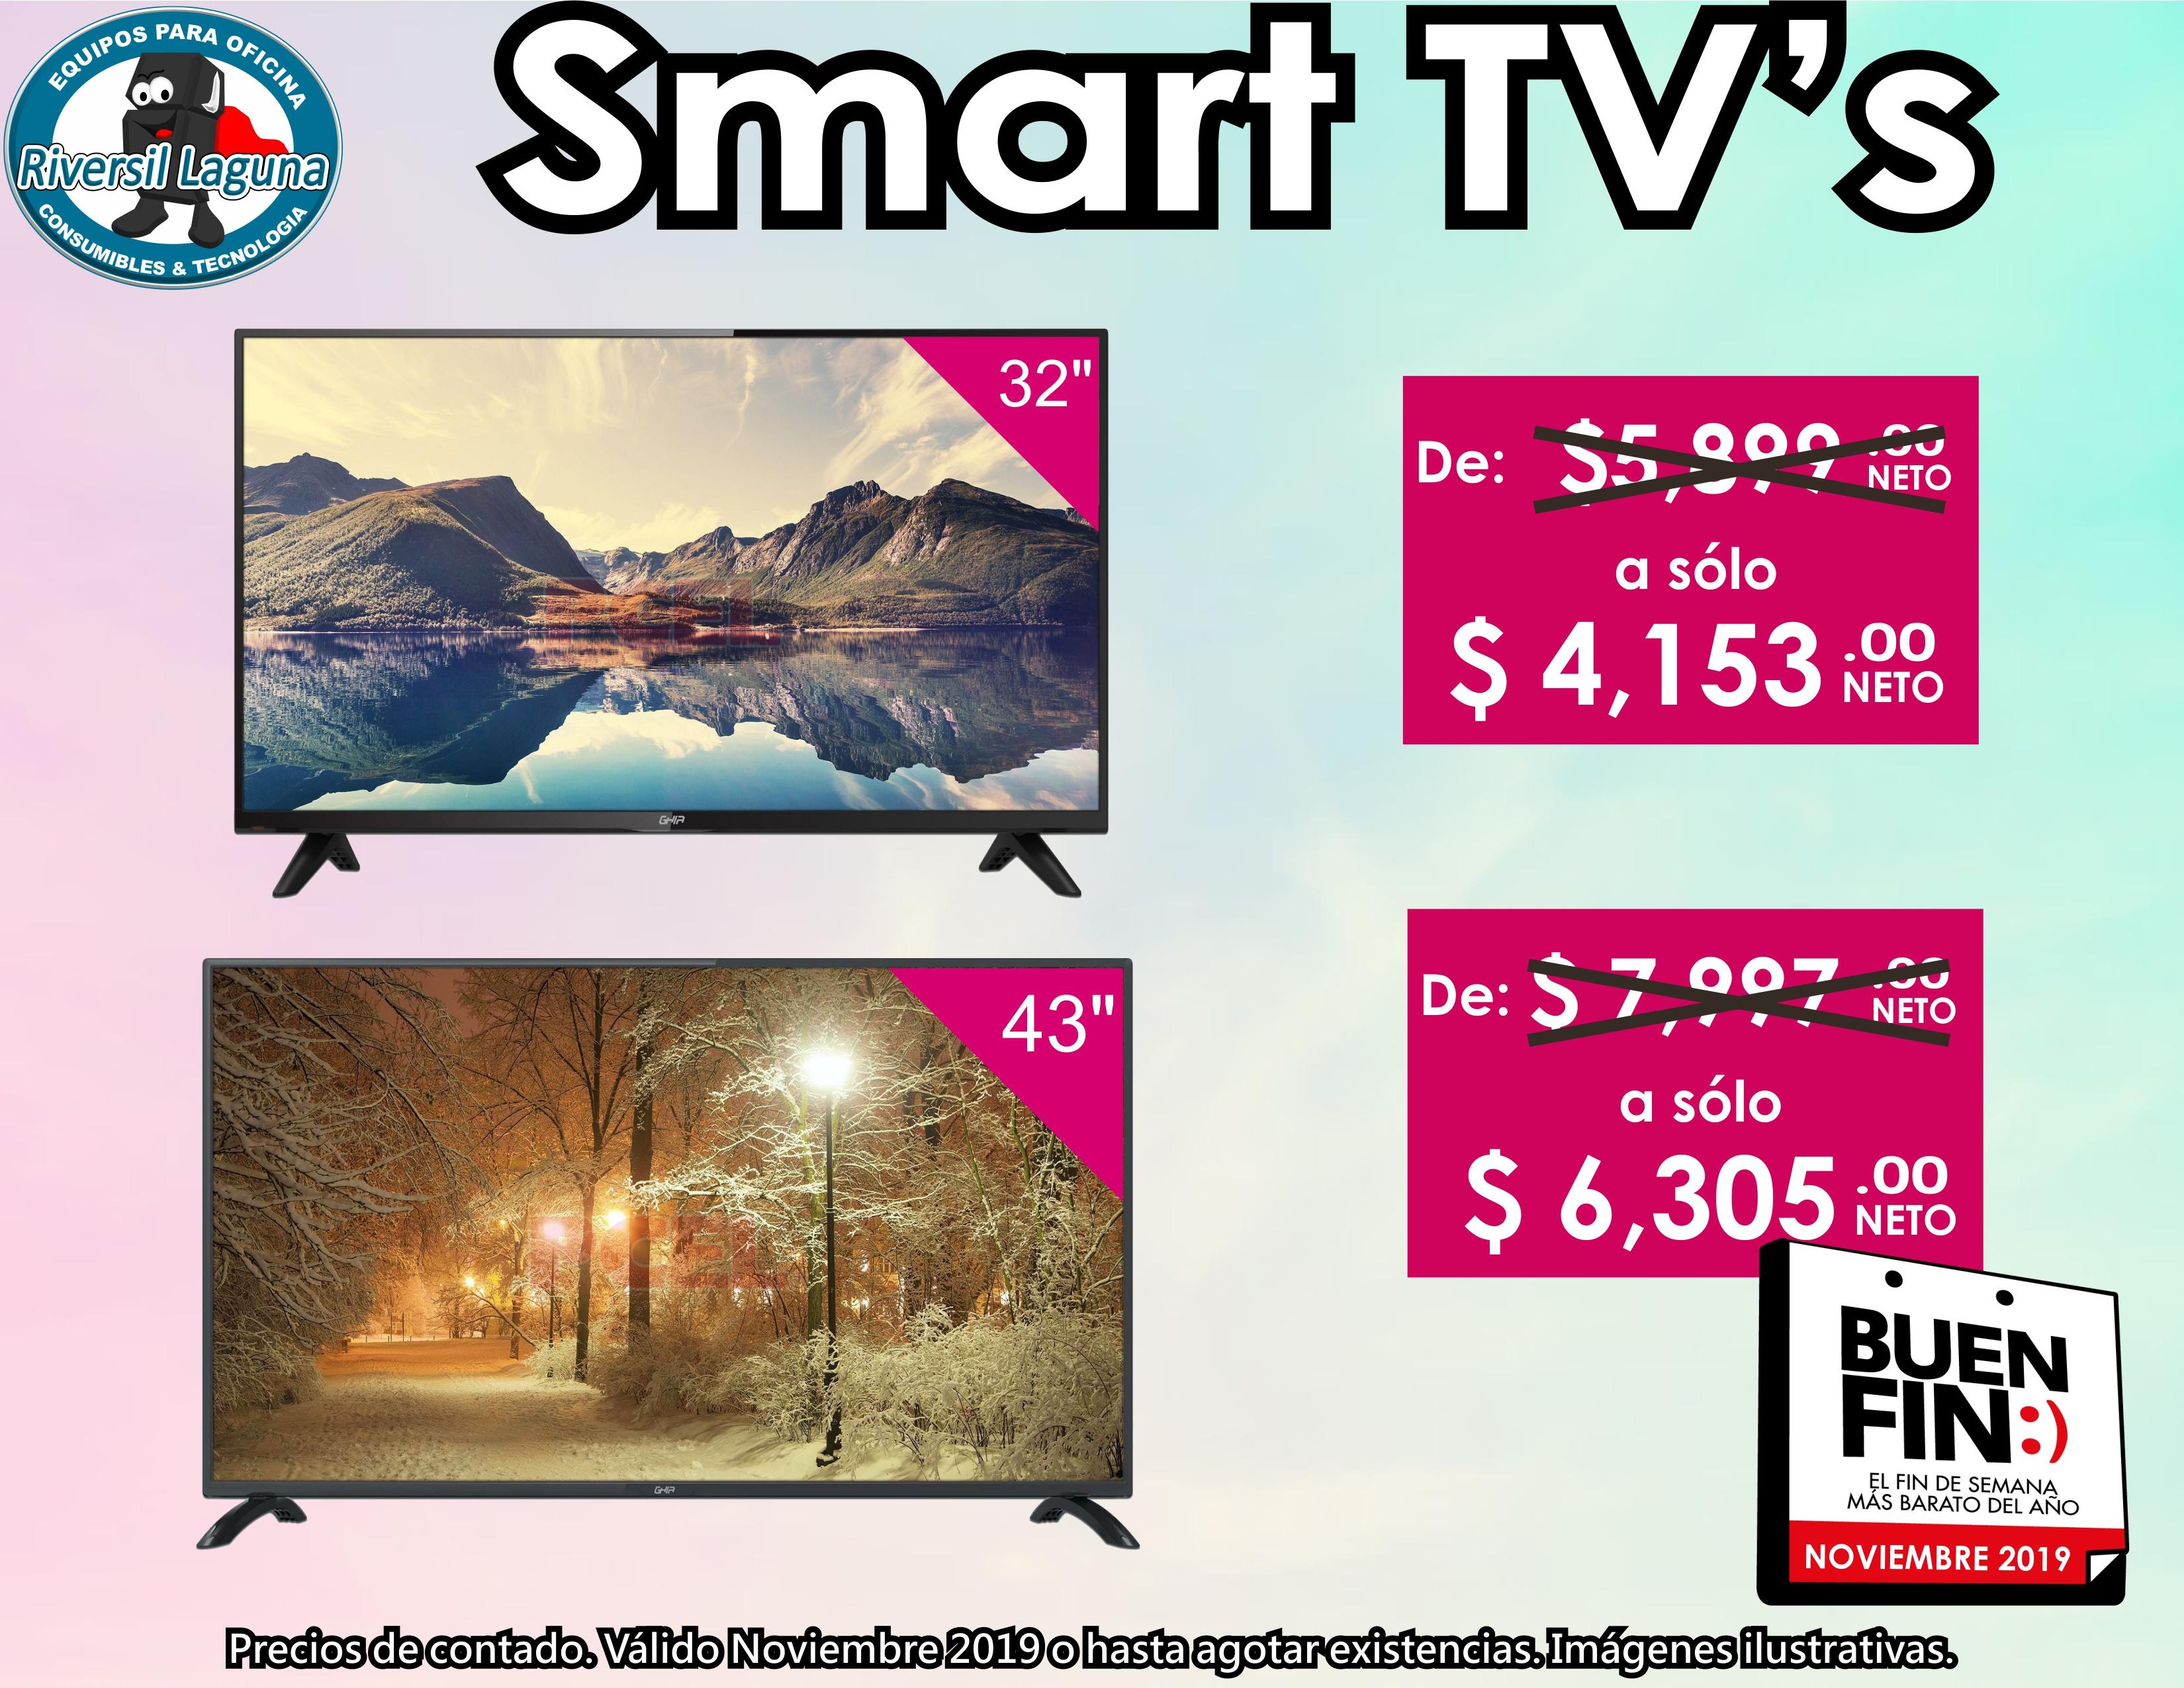 https://0201.nccdn.net/1_2/000/000/168/11d/2-SMART-TV-2-3300x2551.jpg